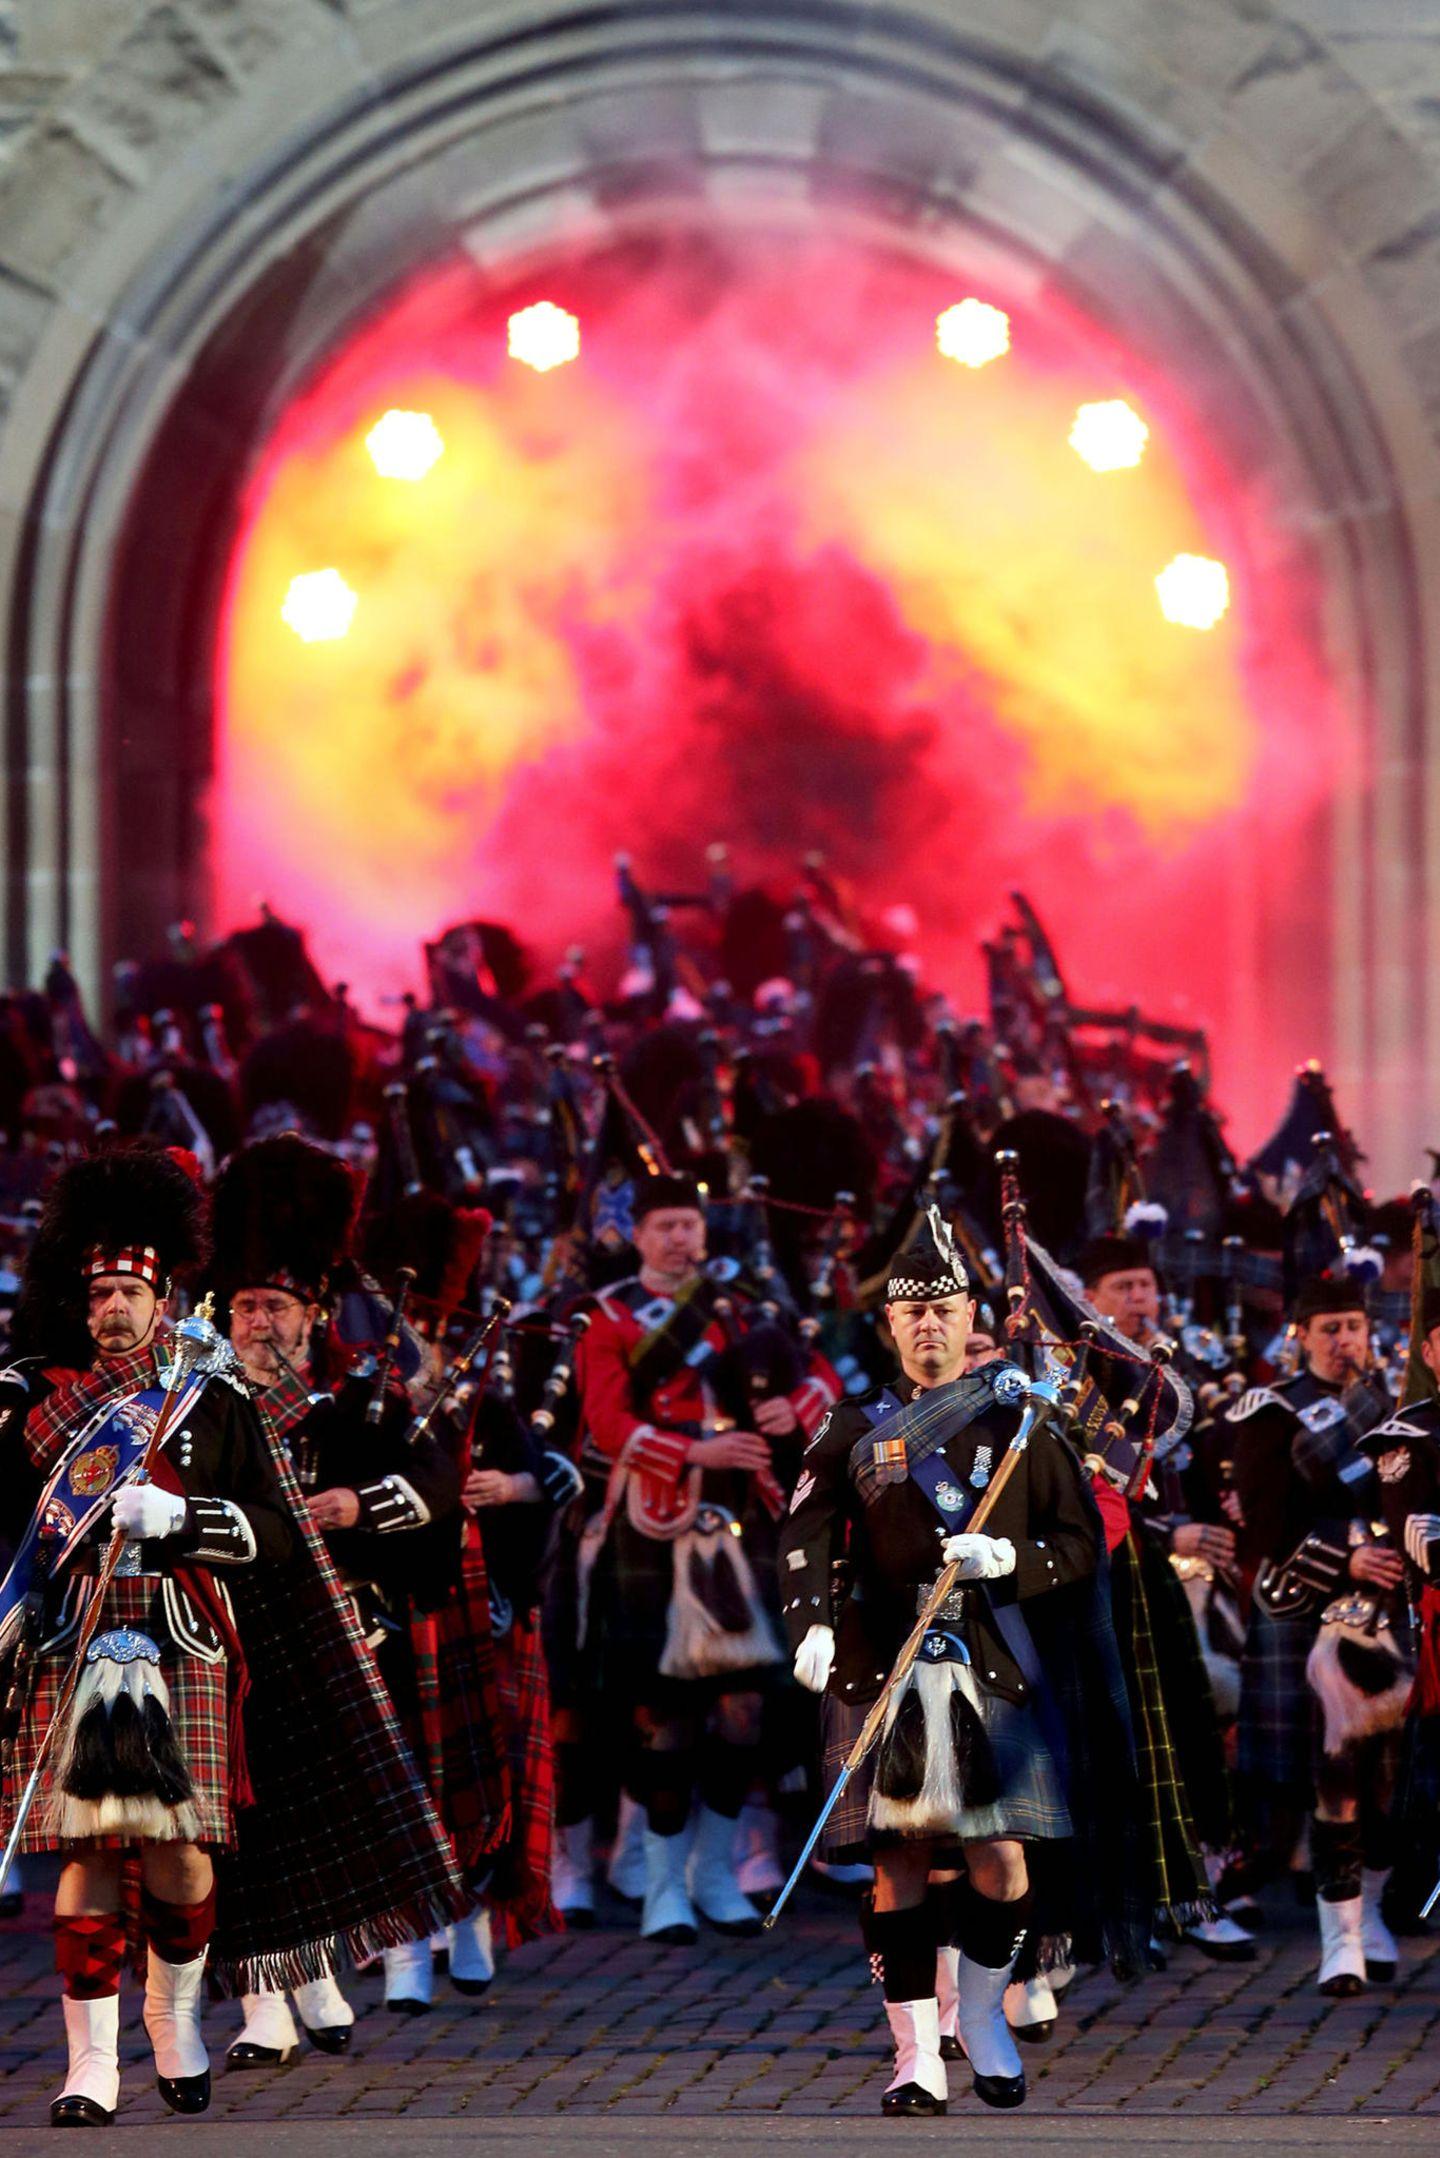 """16. August 2017  Das """"Royal Edinburgh Military Tattoo"""" - das größte Musikfestival Schottlands - beginnt wie in jedem Jahr mit einem großen Aufmarsch vor dem Schloss."""